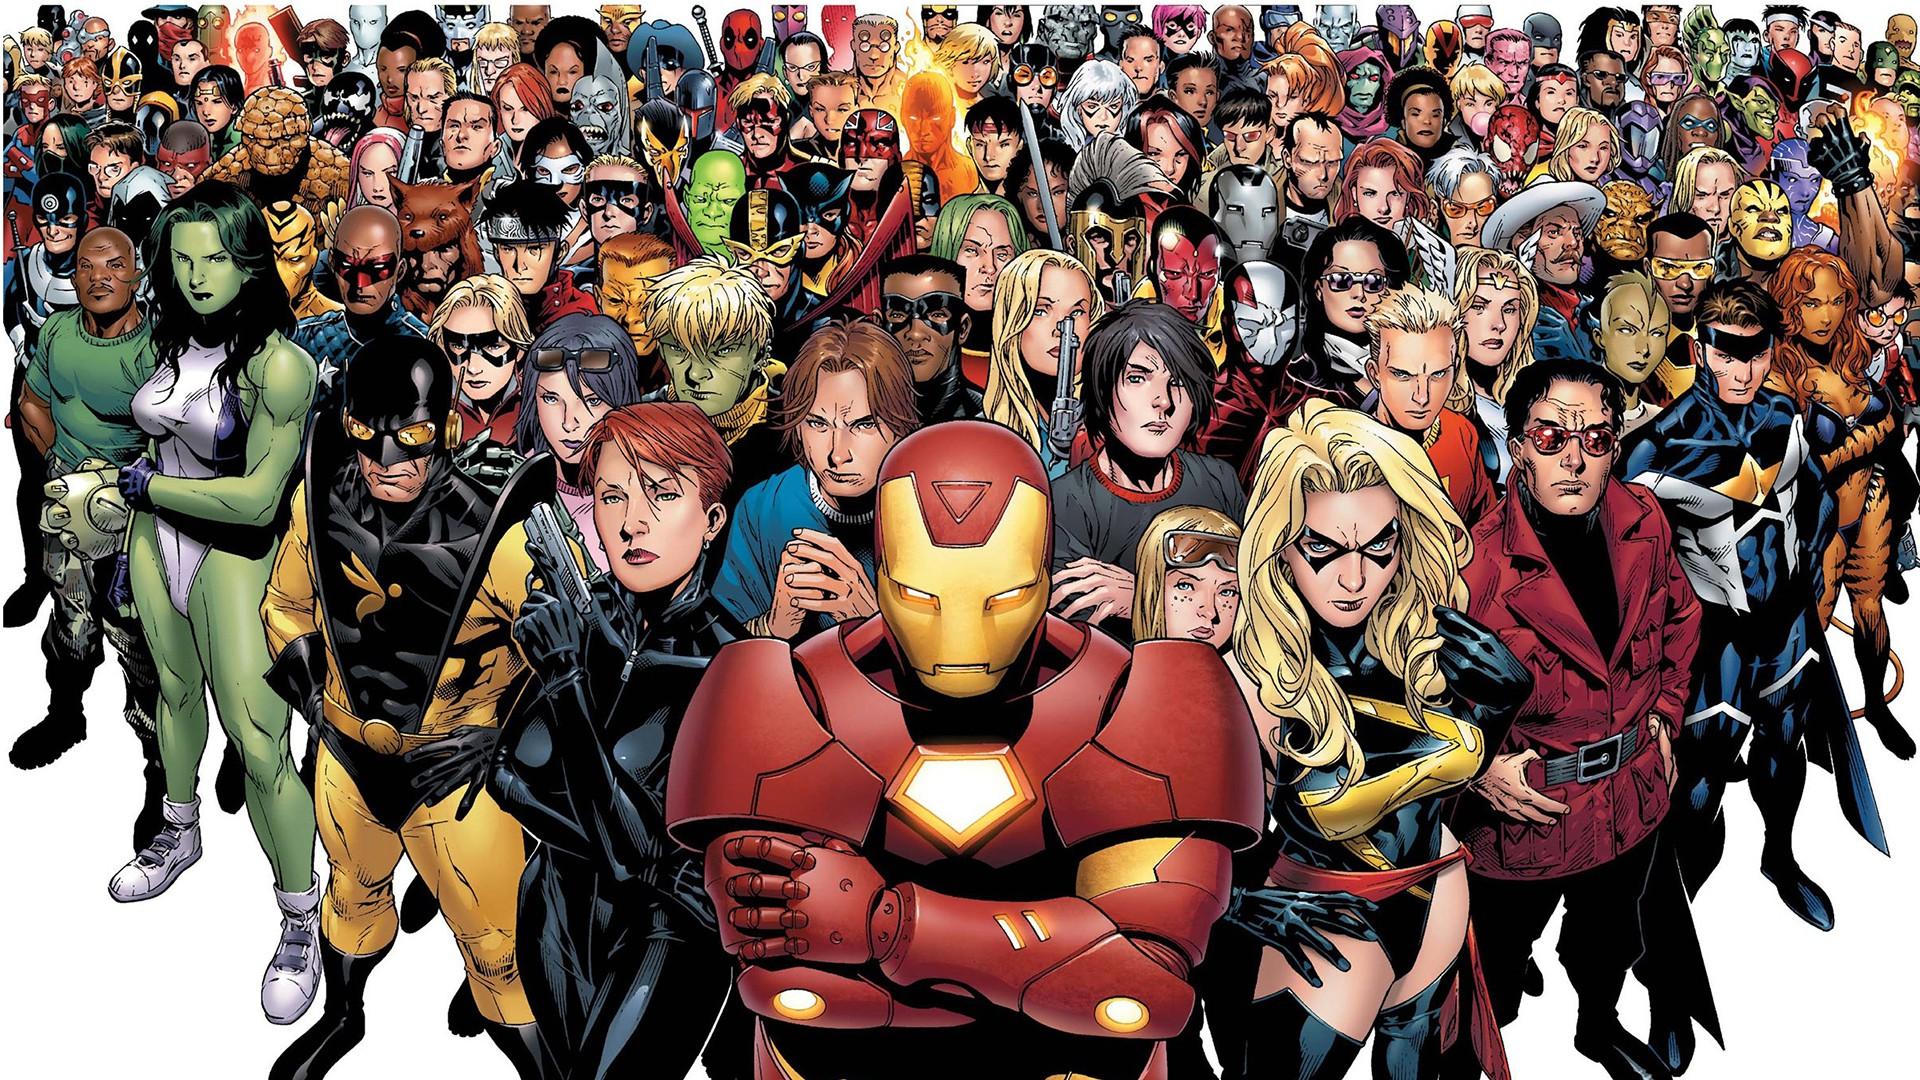 1920x1080 Px Civil War Comics Marvel